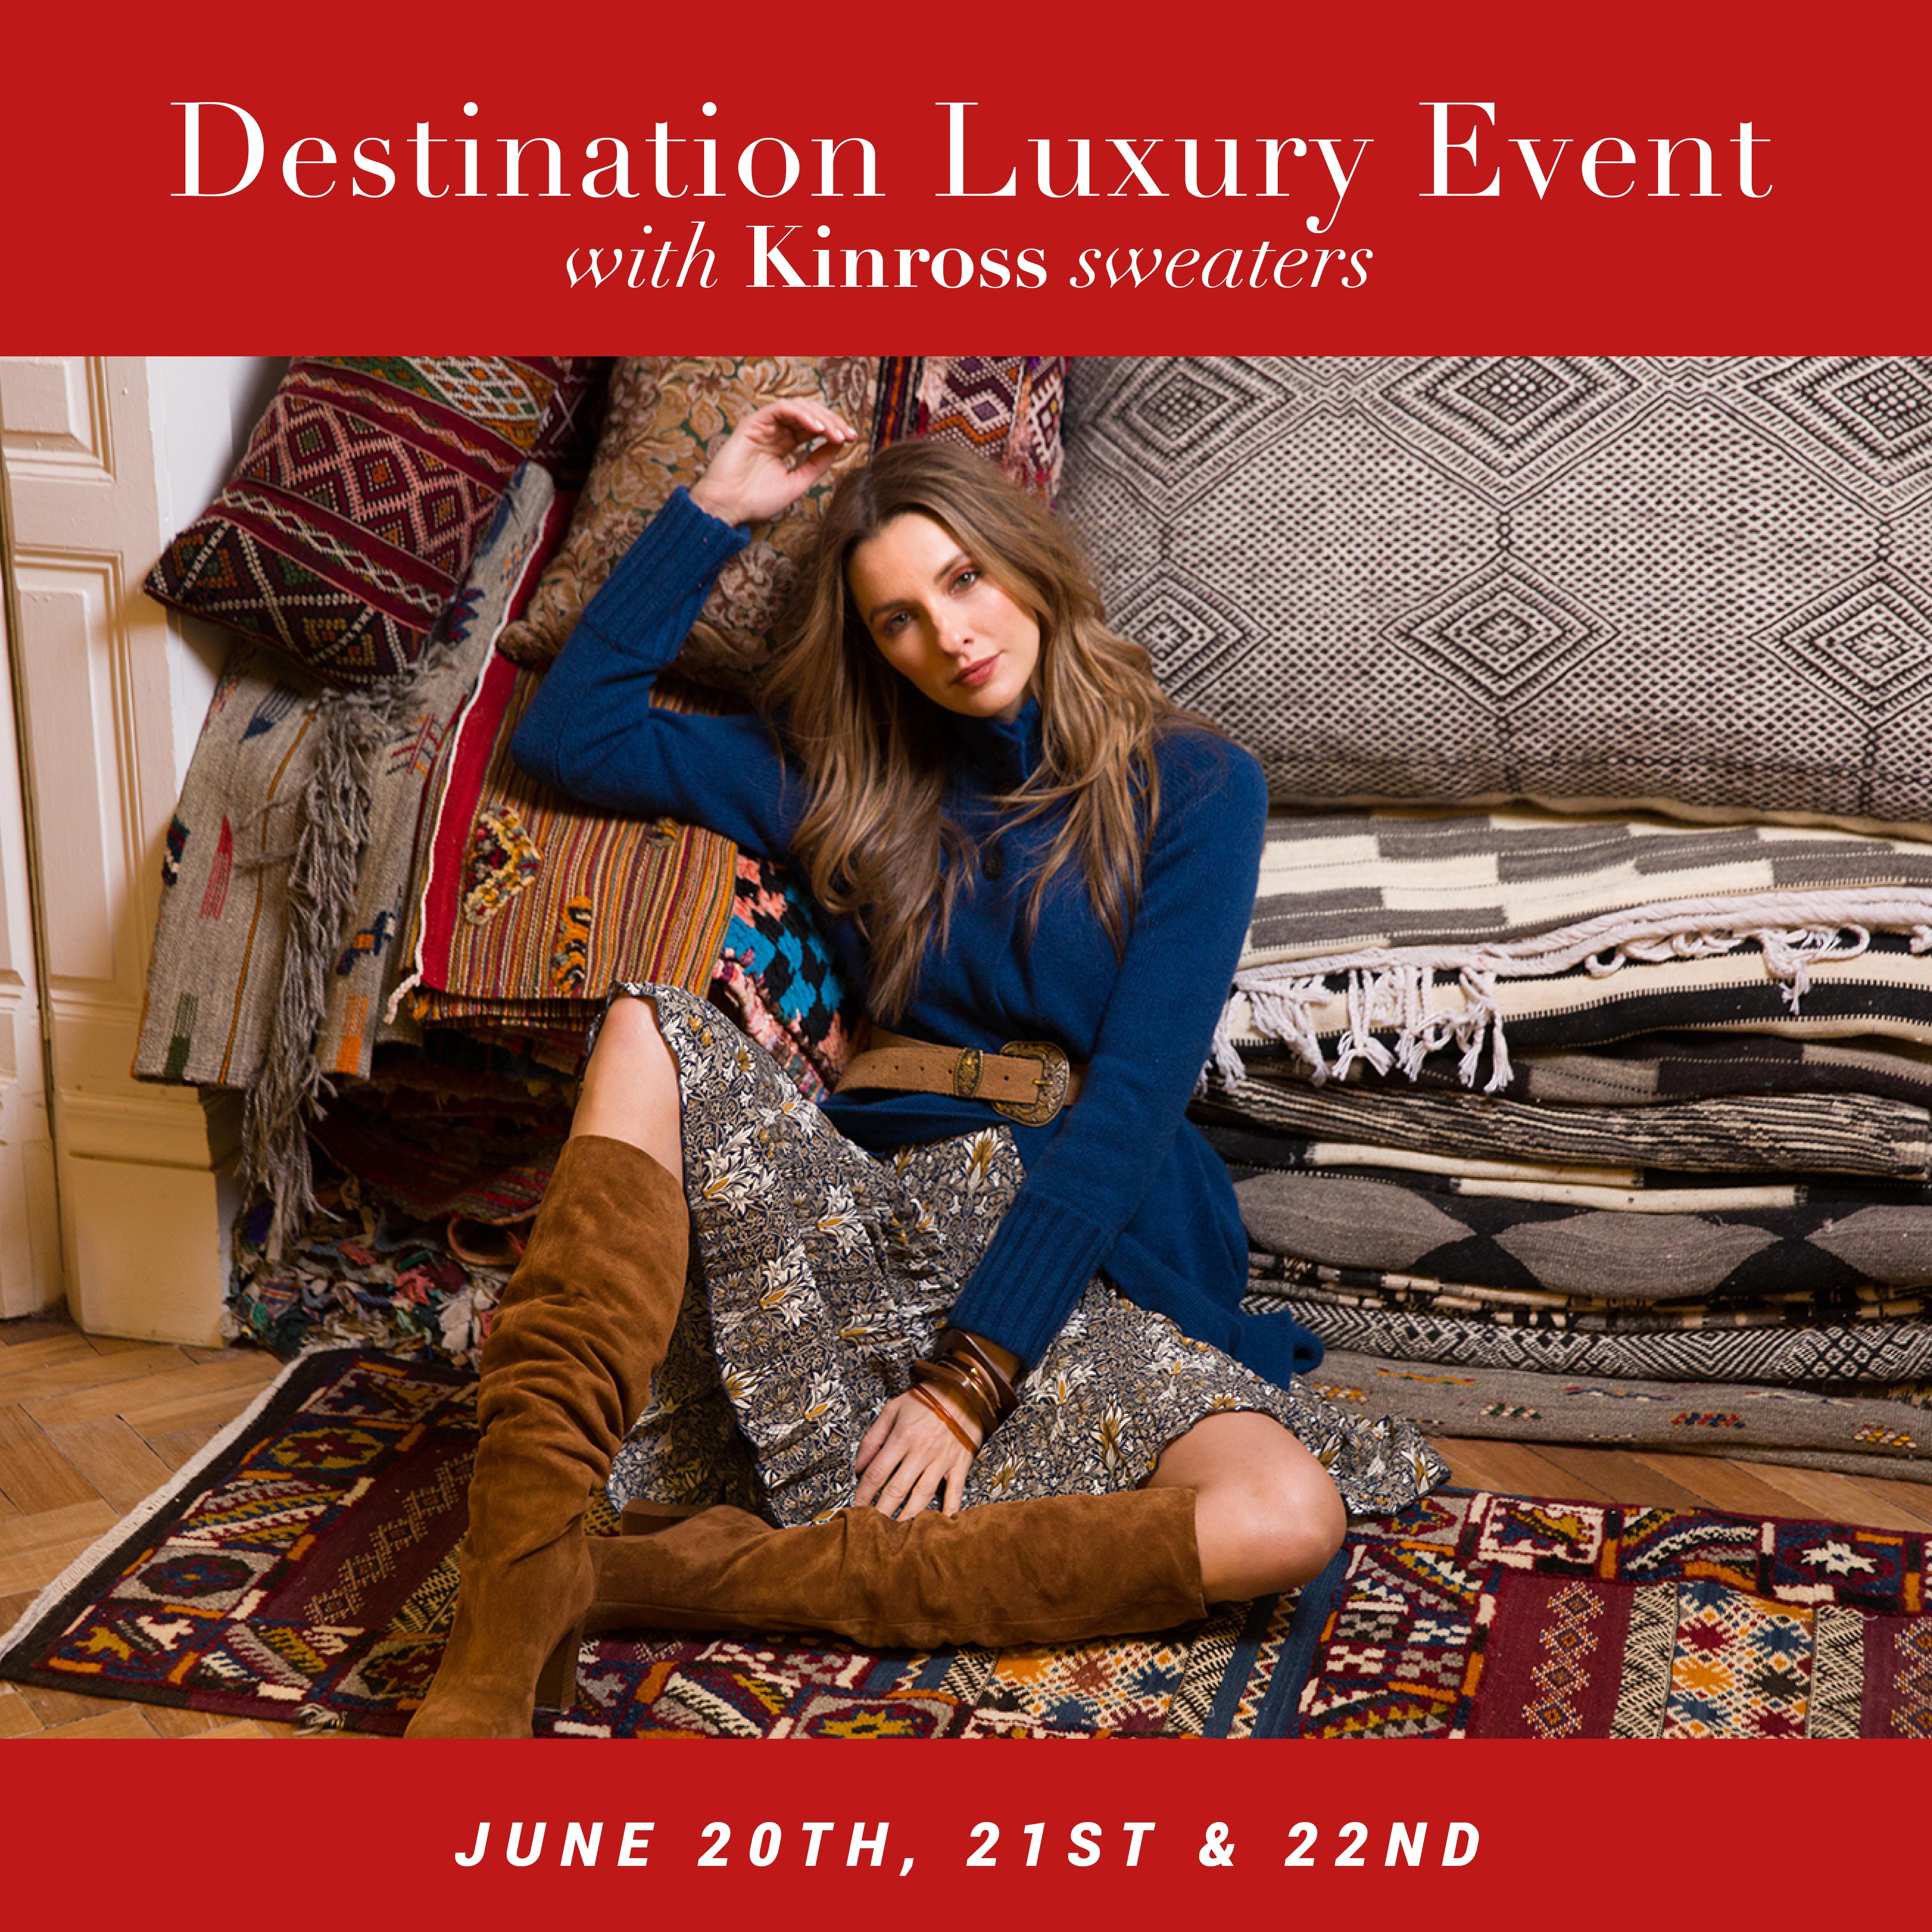 Destination Luxury Event